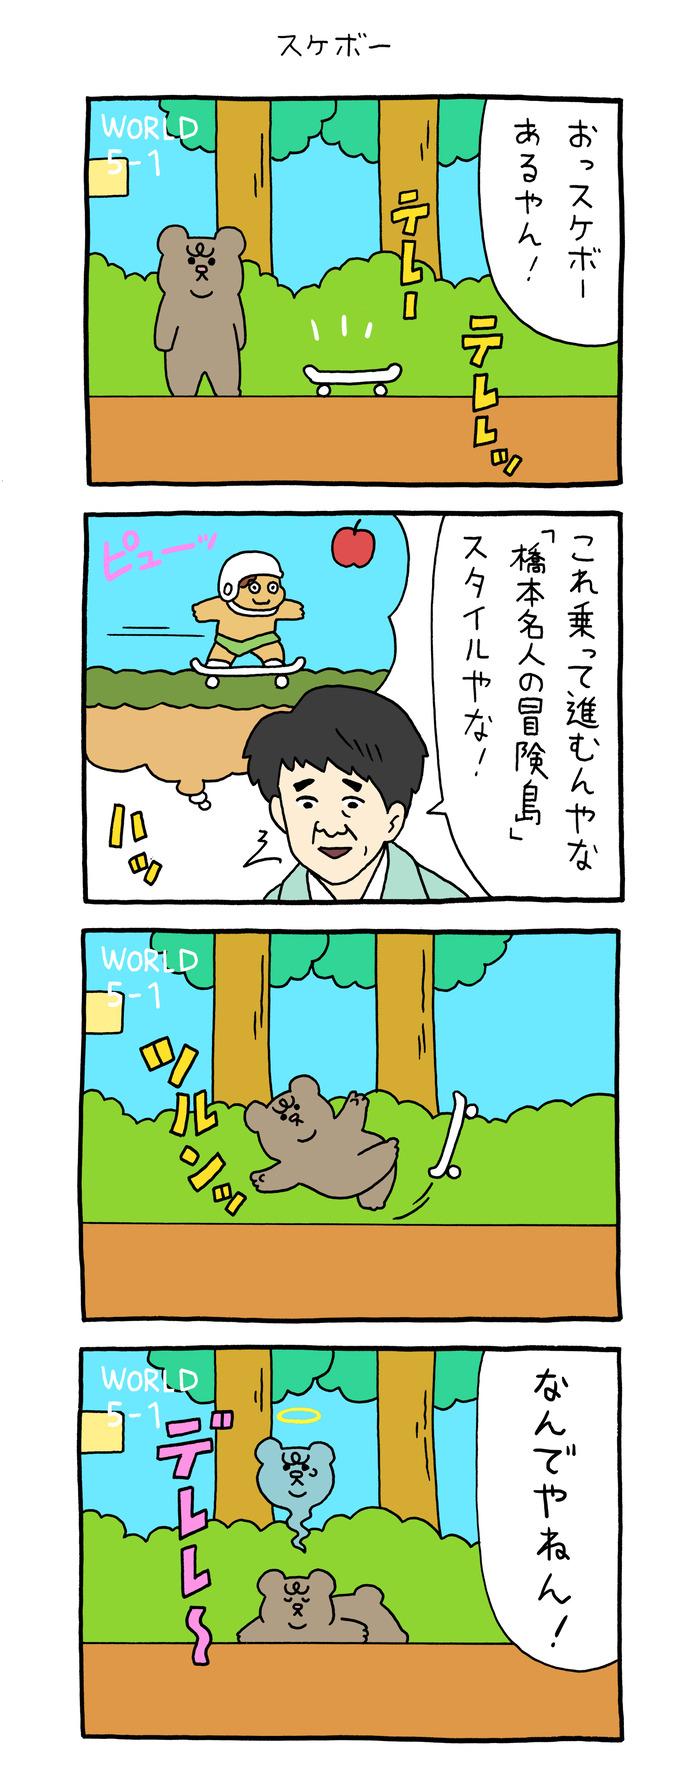 悲熊 レトロゲーム3 のコピー